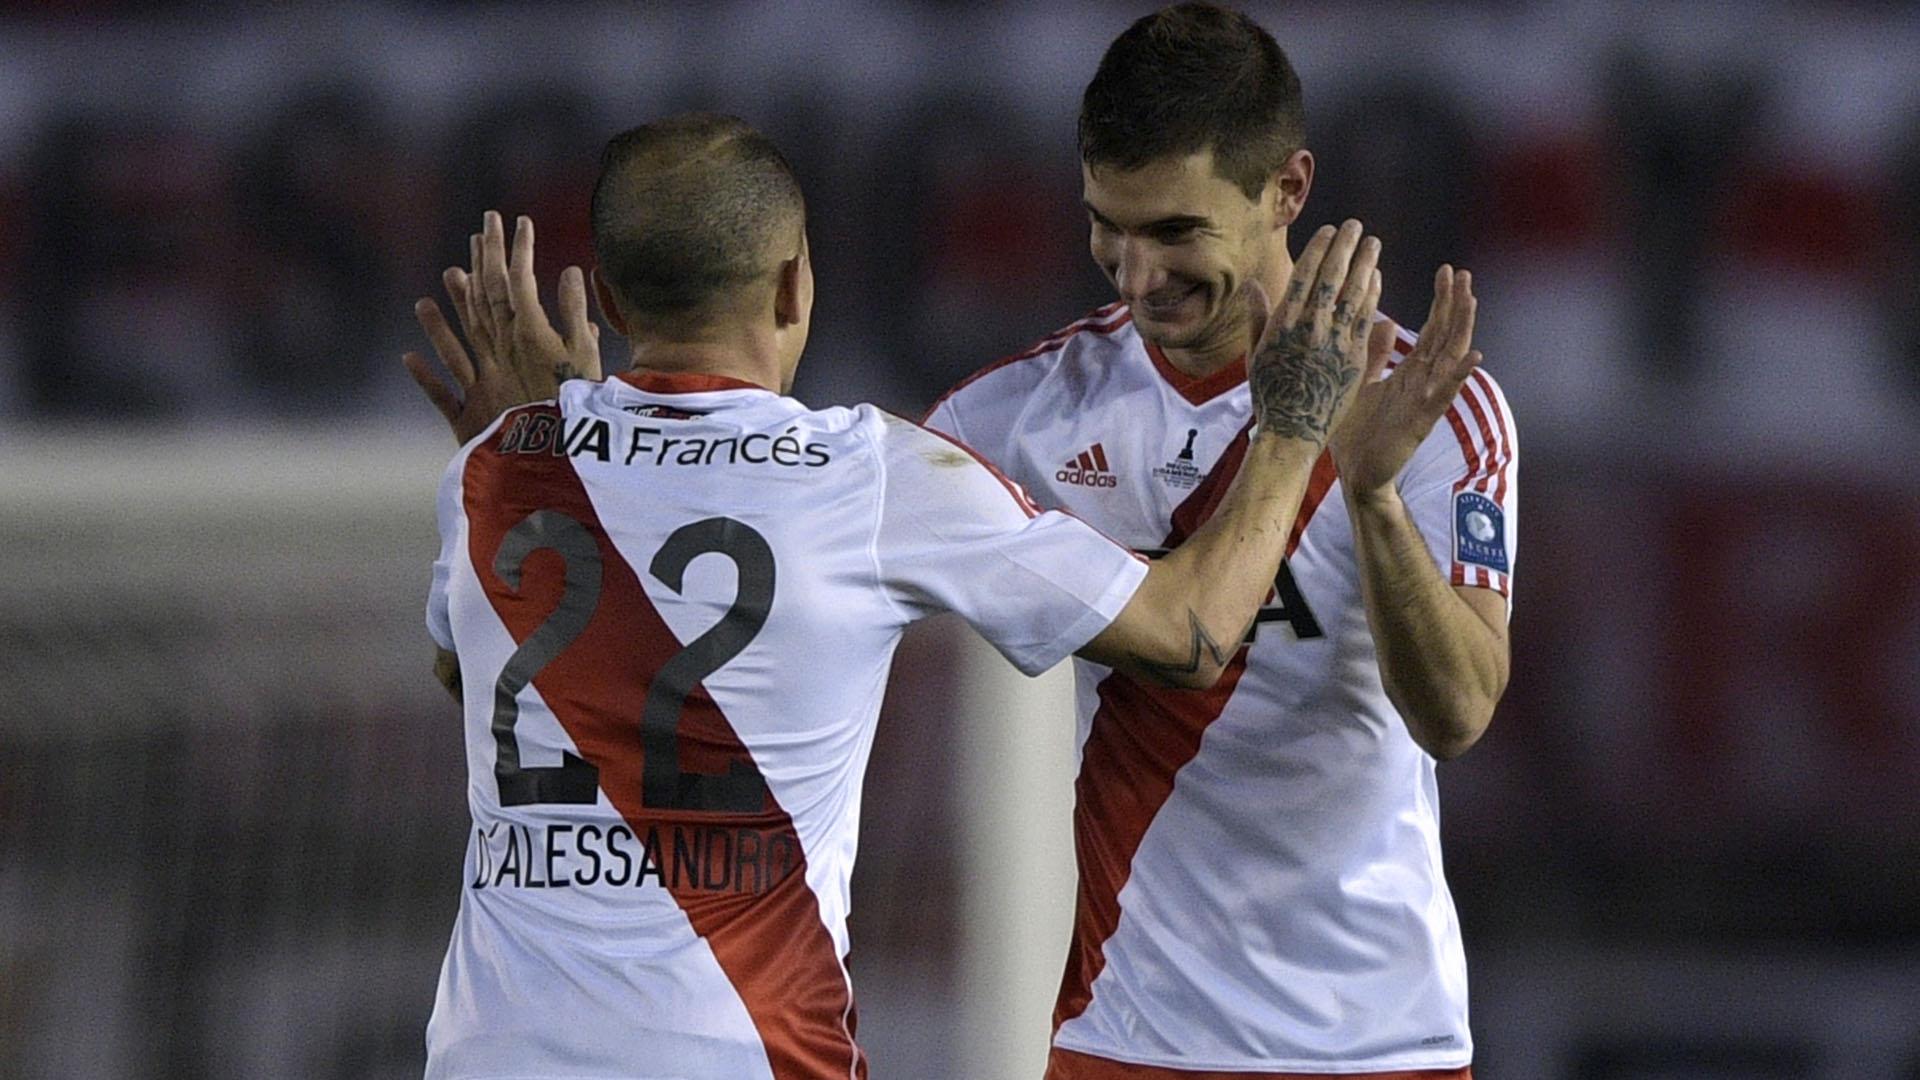 El saludo entre el Cabezón y el Pipa, tras el gol del ex Colón de Santa Fe (AFP)